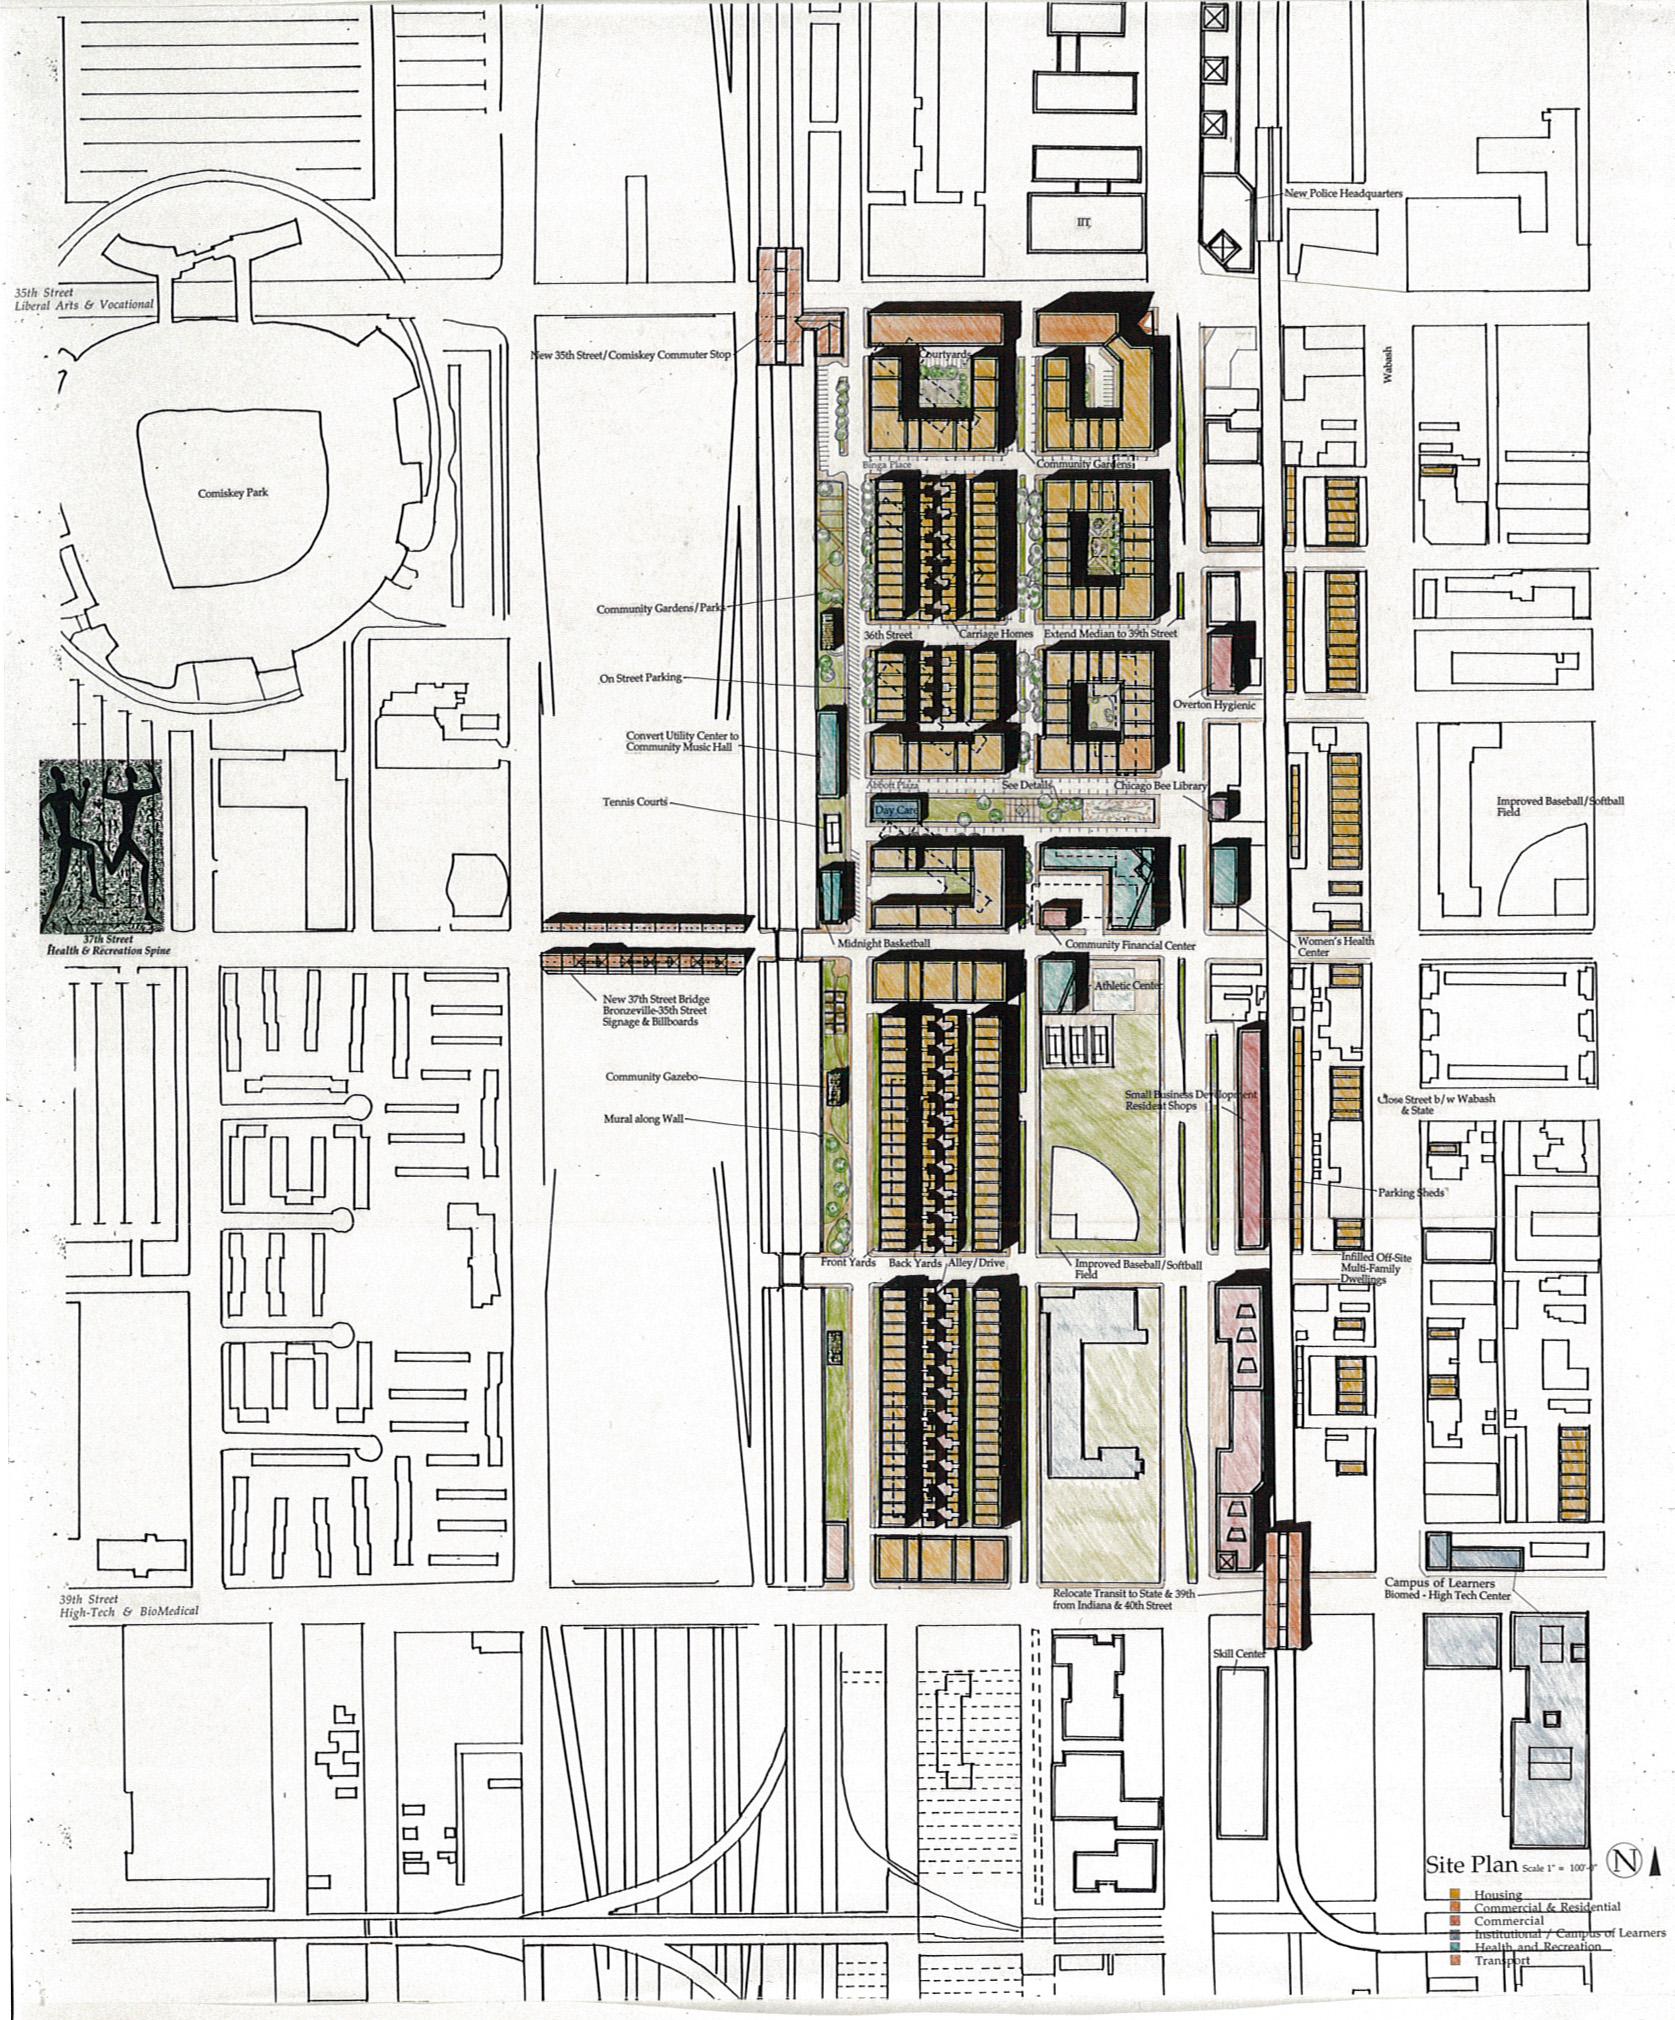 Stateway Gardens Public Housing